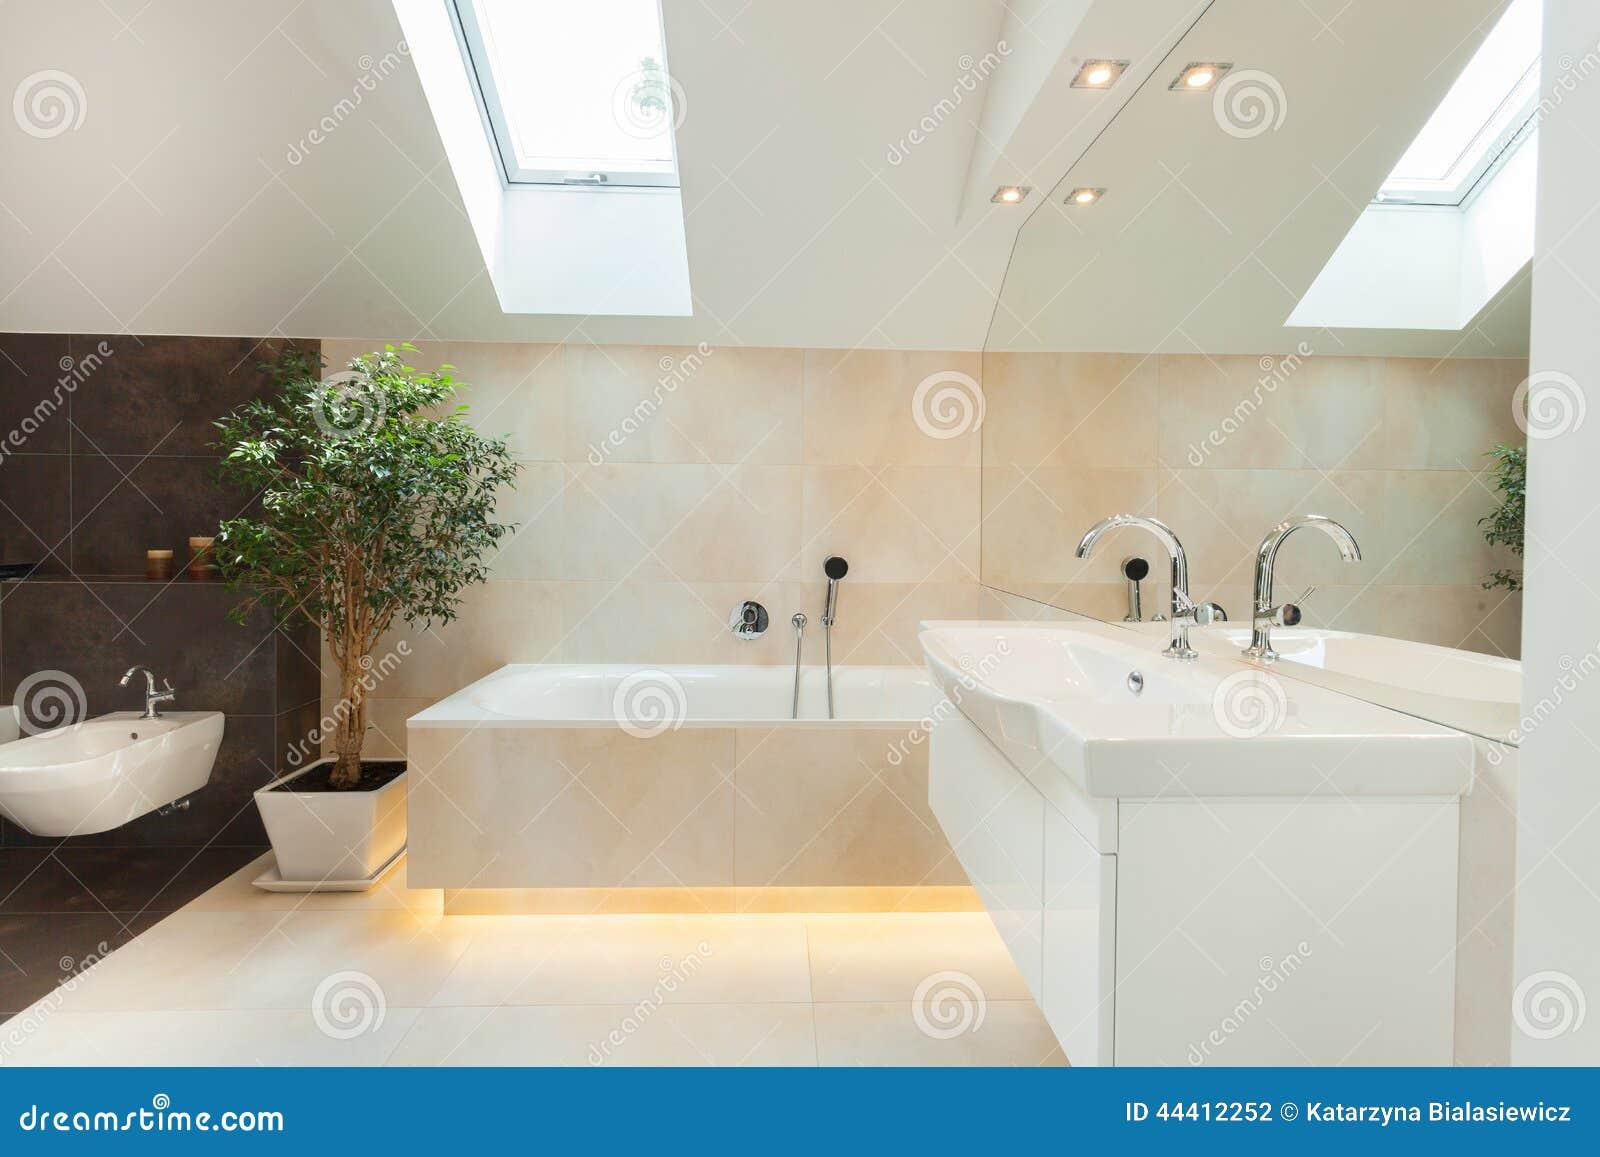 Mooie Moderne Badkamers : Moderne badkamers met verlicht bathtube stock foto afbeelding